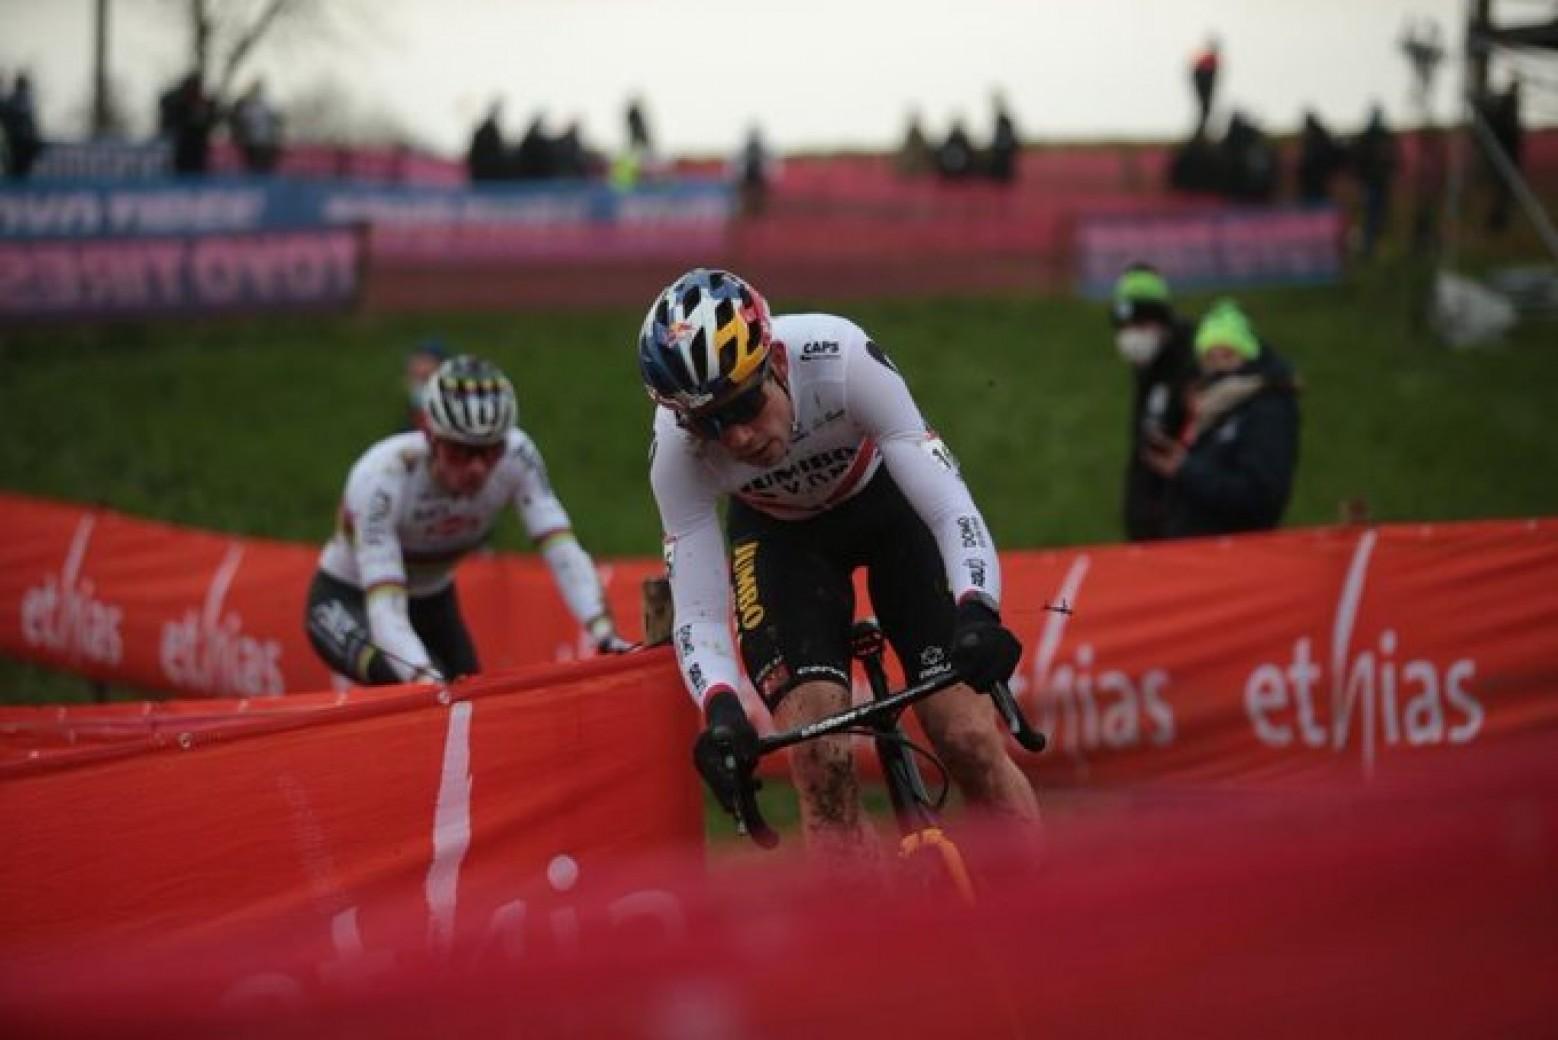 van aert beats van der poel to win with